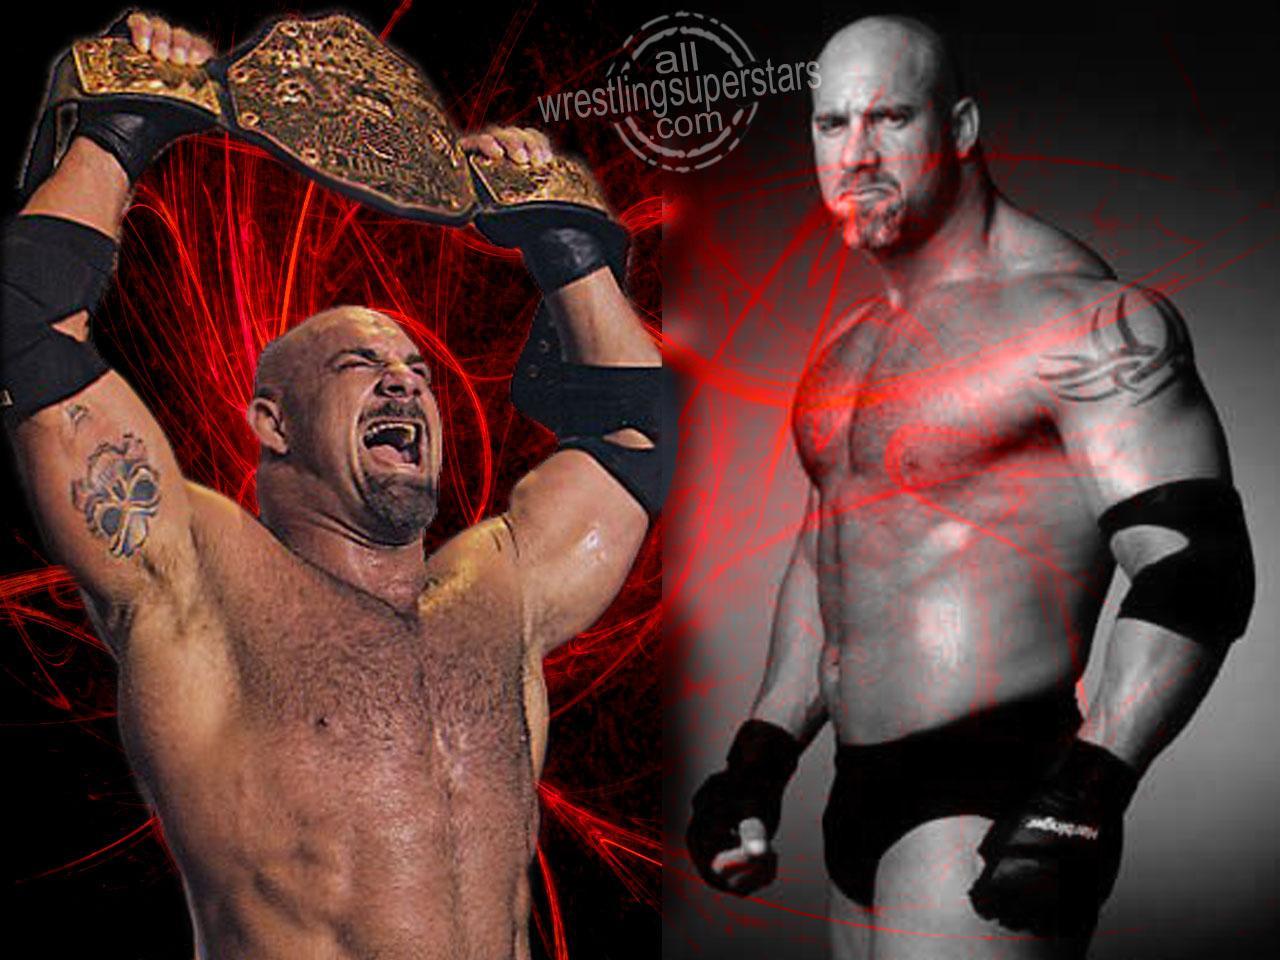 http://3.bp.blogspot.com/-zfiHiPGyCdk/TzVkccwkCRI/AAAAAAAAJNE/KonJd-4xOu8/s1600/WWE-WALLPAPERS-BILL-GOLDBERG-6.JPG